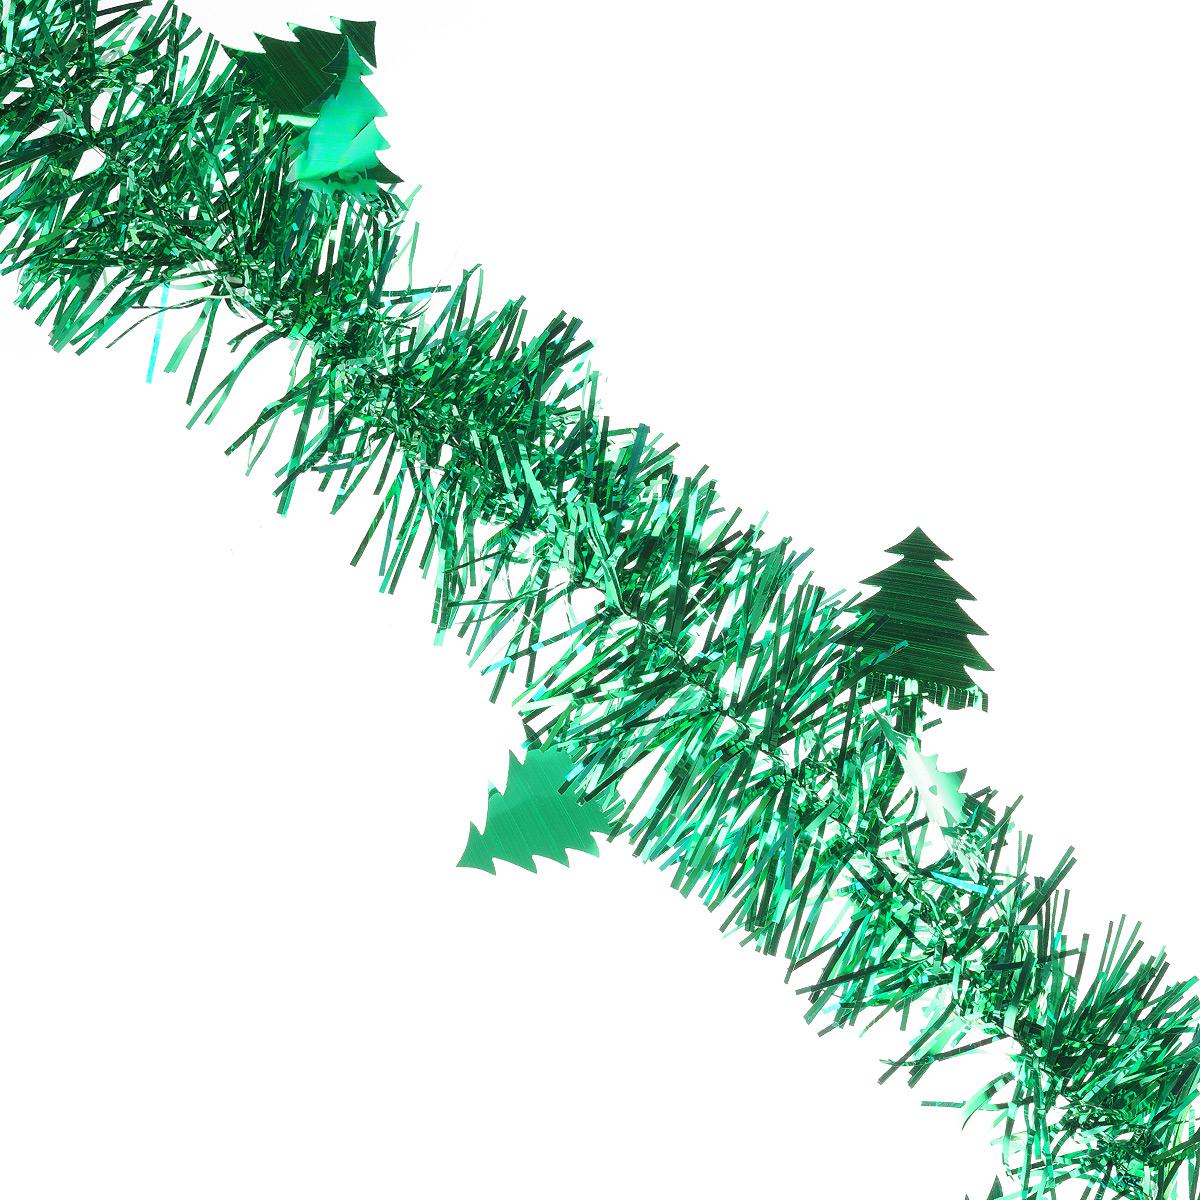 Мишура новогодняя Sima-land, цвет: зеленый, диаметр 8 см, длина 2 м. 702595702595Мишура новогодняя Sima-land, выполненная из фольги, поможет вам украситьсвой дом к предстоящим праздникам. Мишура декорирована елочками иармирована, то есть имеет проволоку внутри и способна сохранять приданную ейформу. Новогодняя елка с таким украшением станет еще наряднее.Новогодней мишурой можно украсить все, что угодно - елку, квартиру, дачу, офис -как внутри, так и снаружи. Можно сложить новогодние поздравления, буквы ицифры, мишурой можно украсить и дополнить гирлянды, можно выделитьдверные колонны, оплести дверные проемы. Коллекция декоративных украшений из серии Зимнее волшебство принесет вваш дом ни с чем несравнимое ощущение праздника! Создайте в своем домеатмосферу тепла, веселья и радости, украшая его всей семьей.